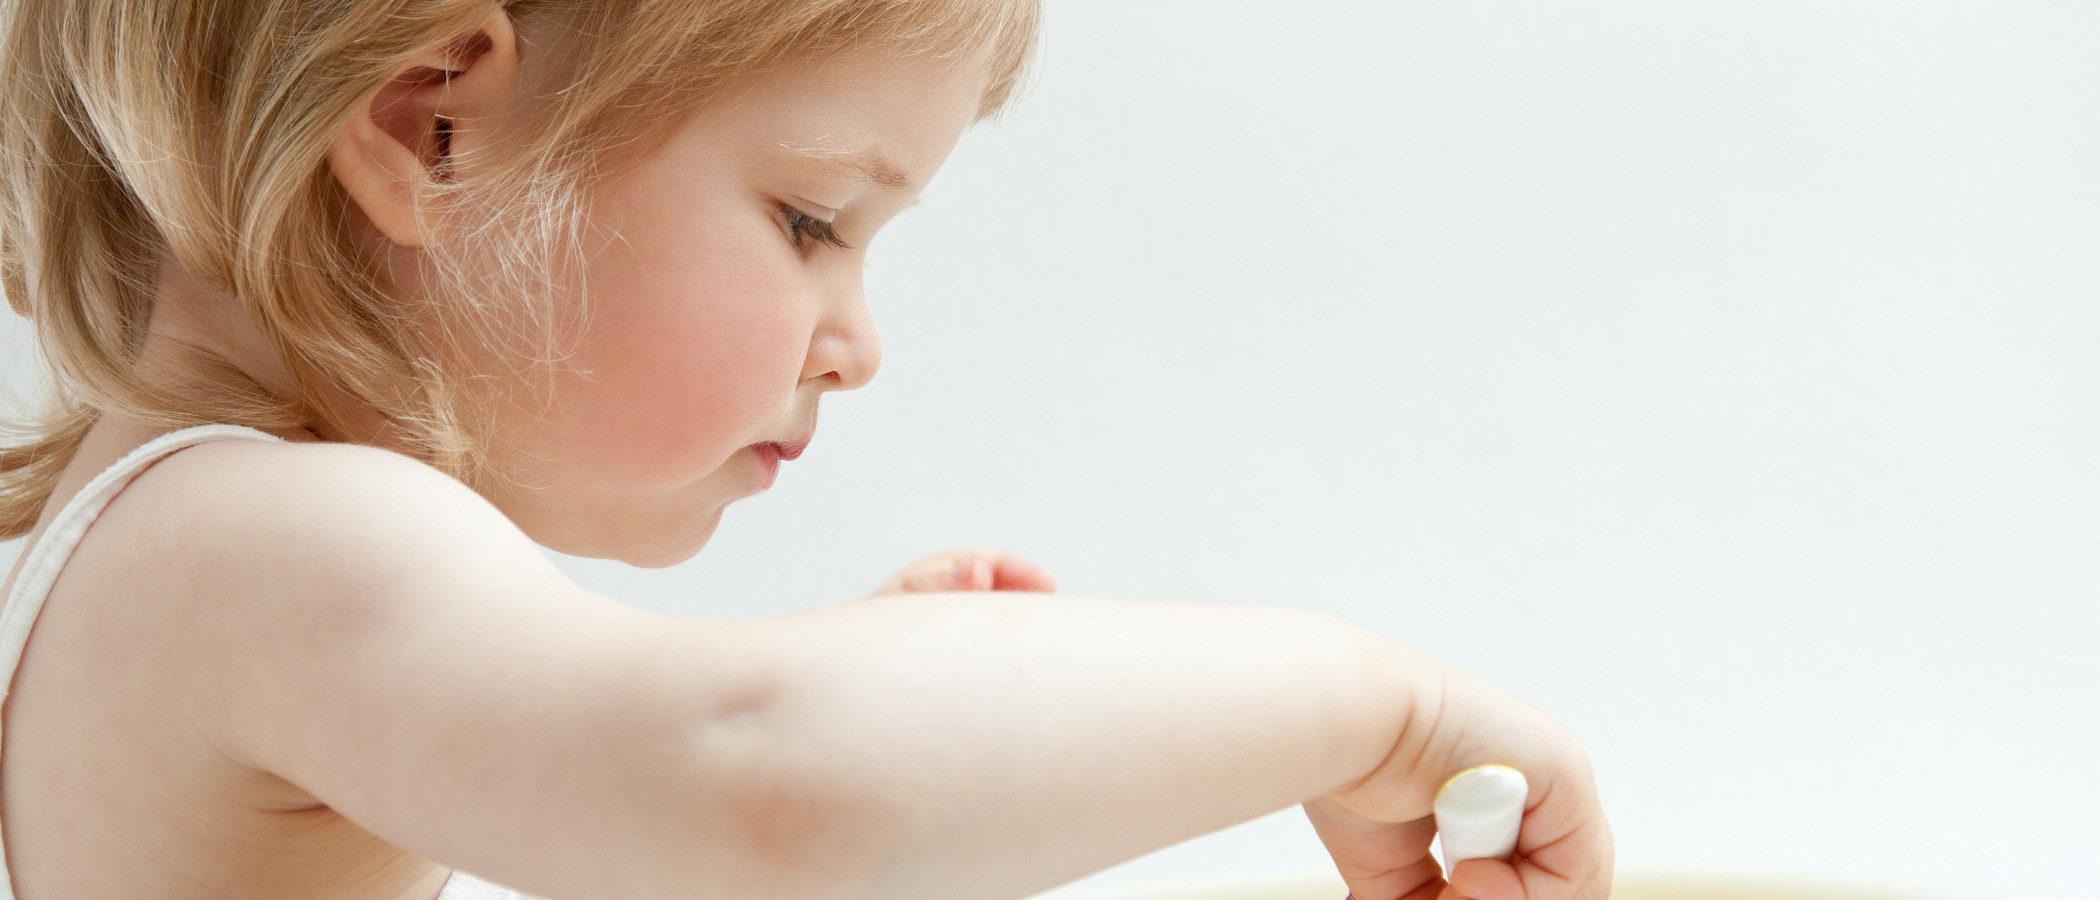 5 alimentos para combatir la cetosis o acetona en niños